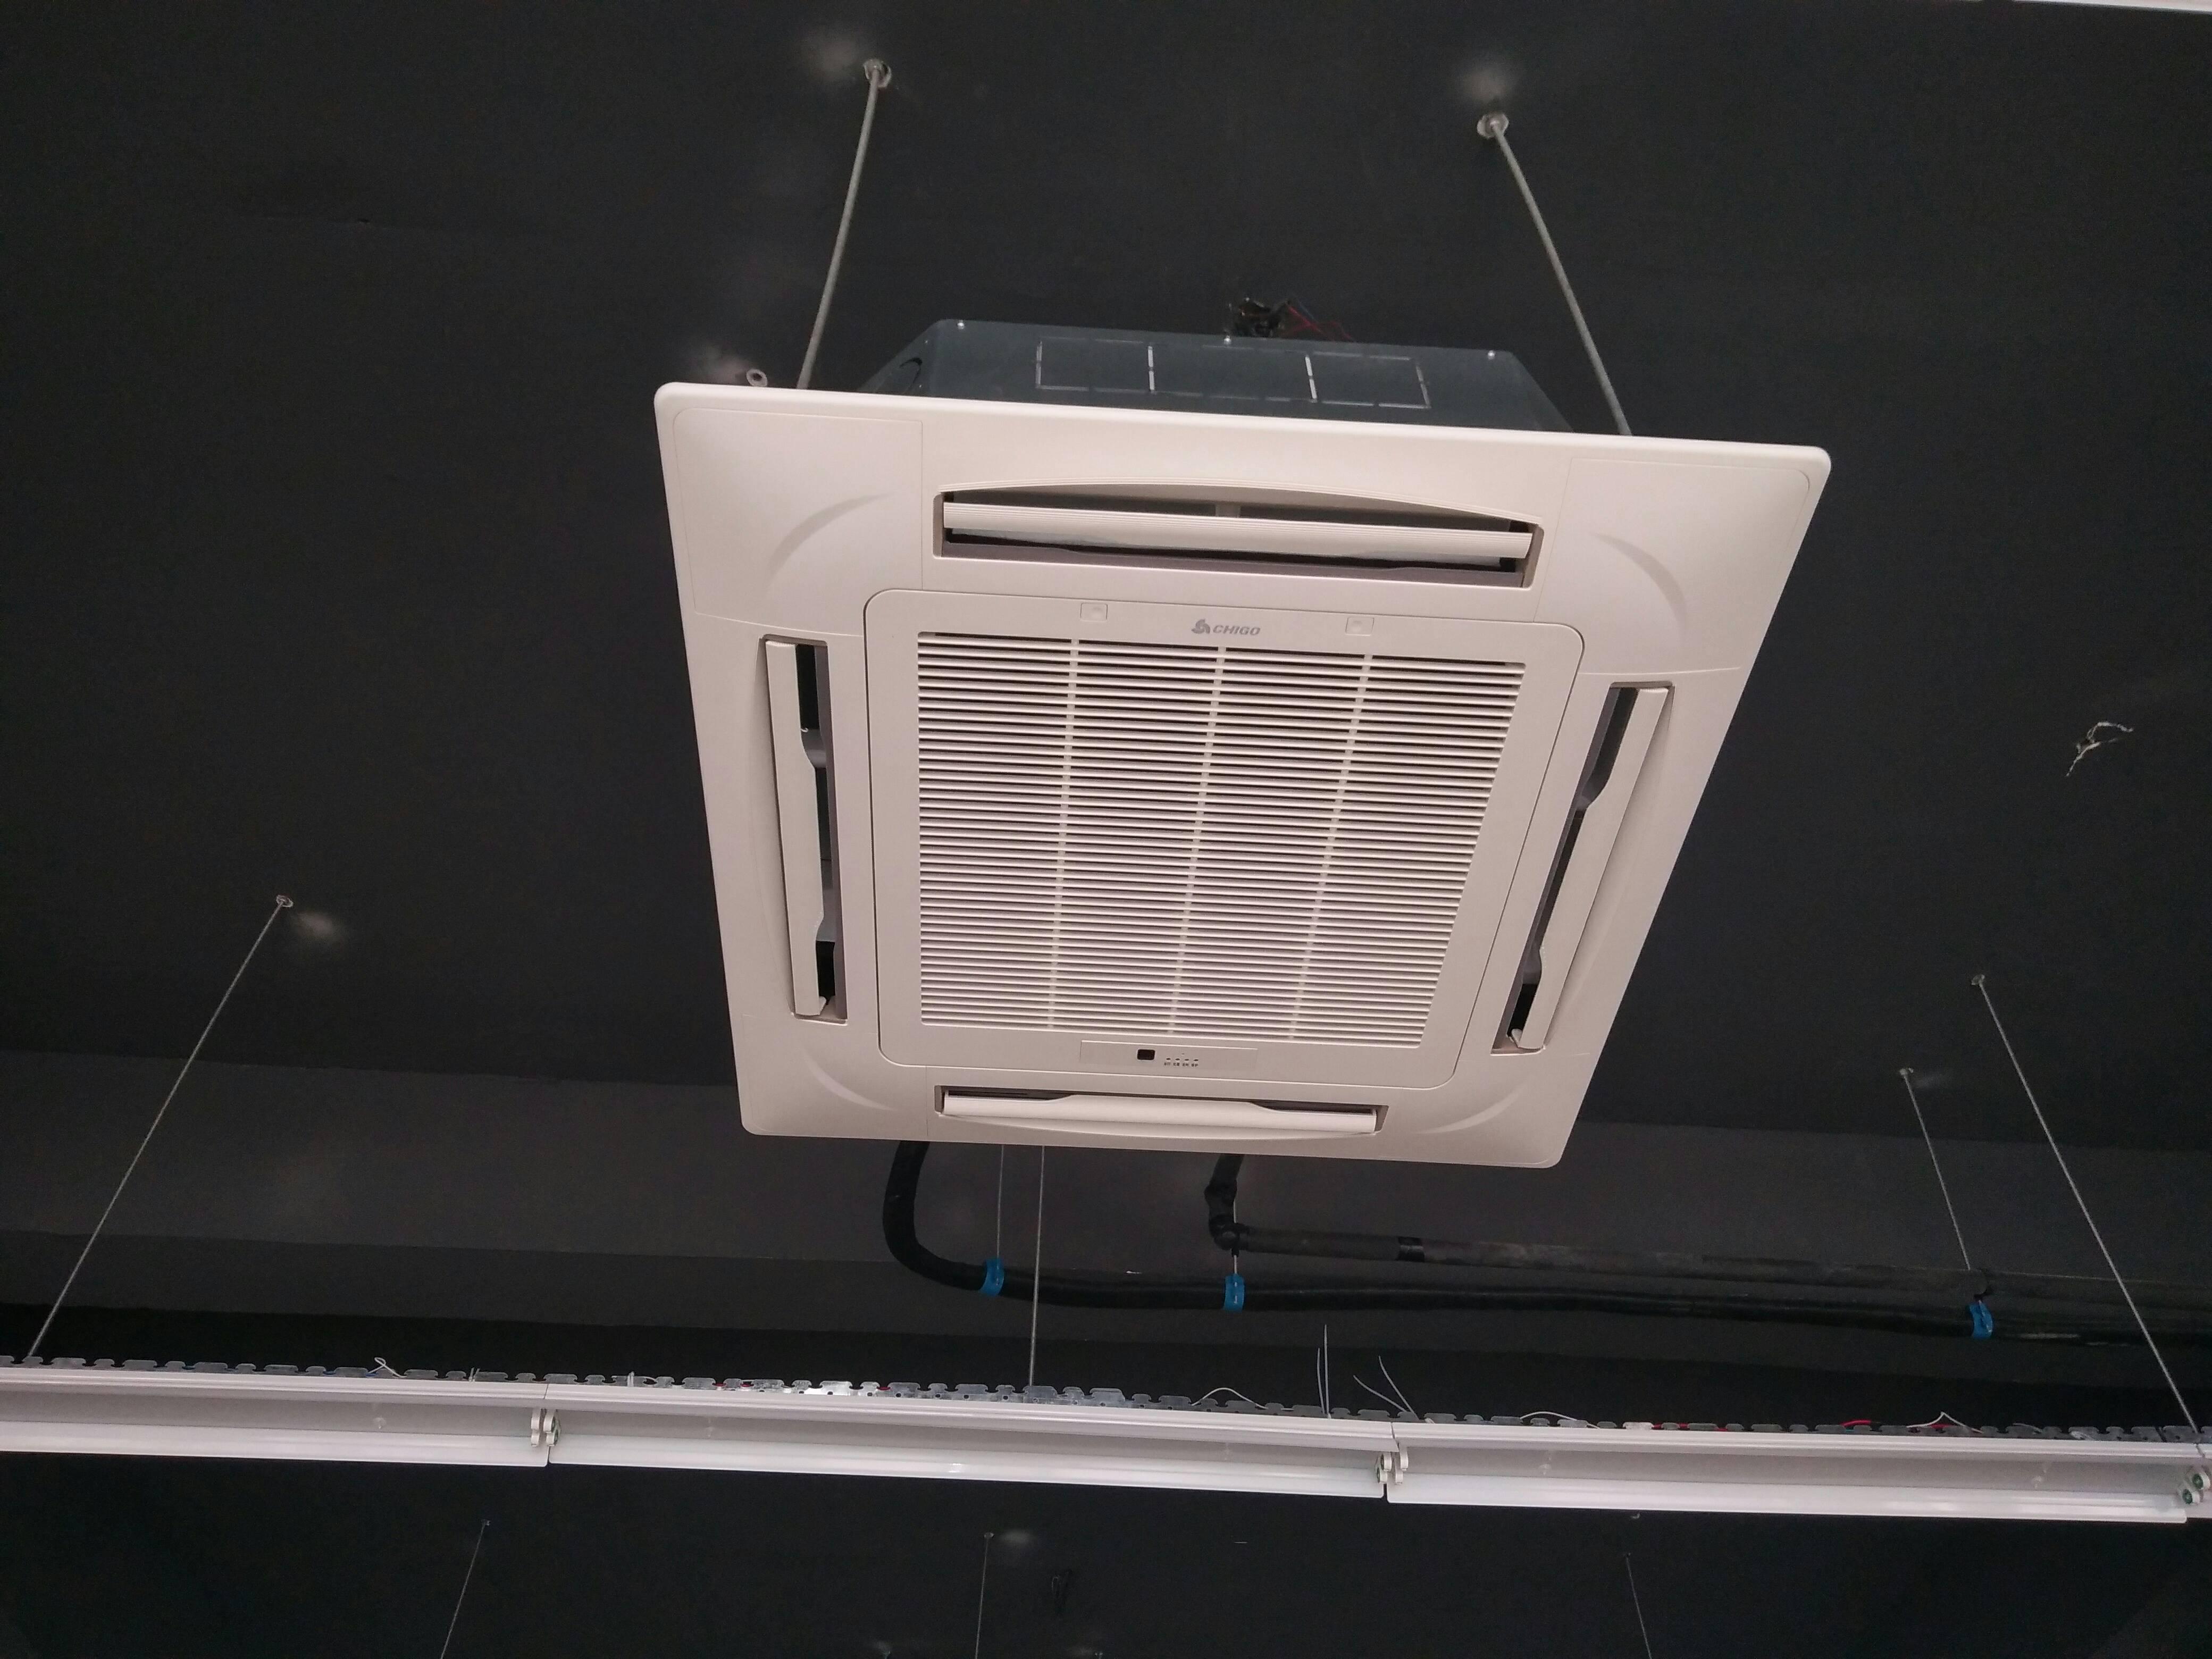 志高(chigo) 中央空调吸顶天花机3匹冷暖商用空调嵌入式天井机商铺